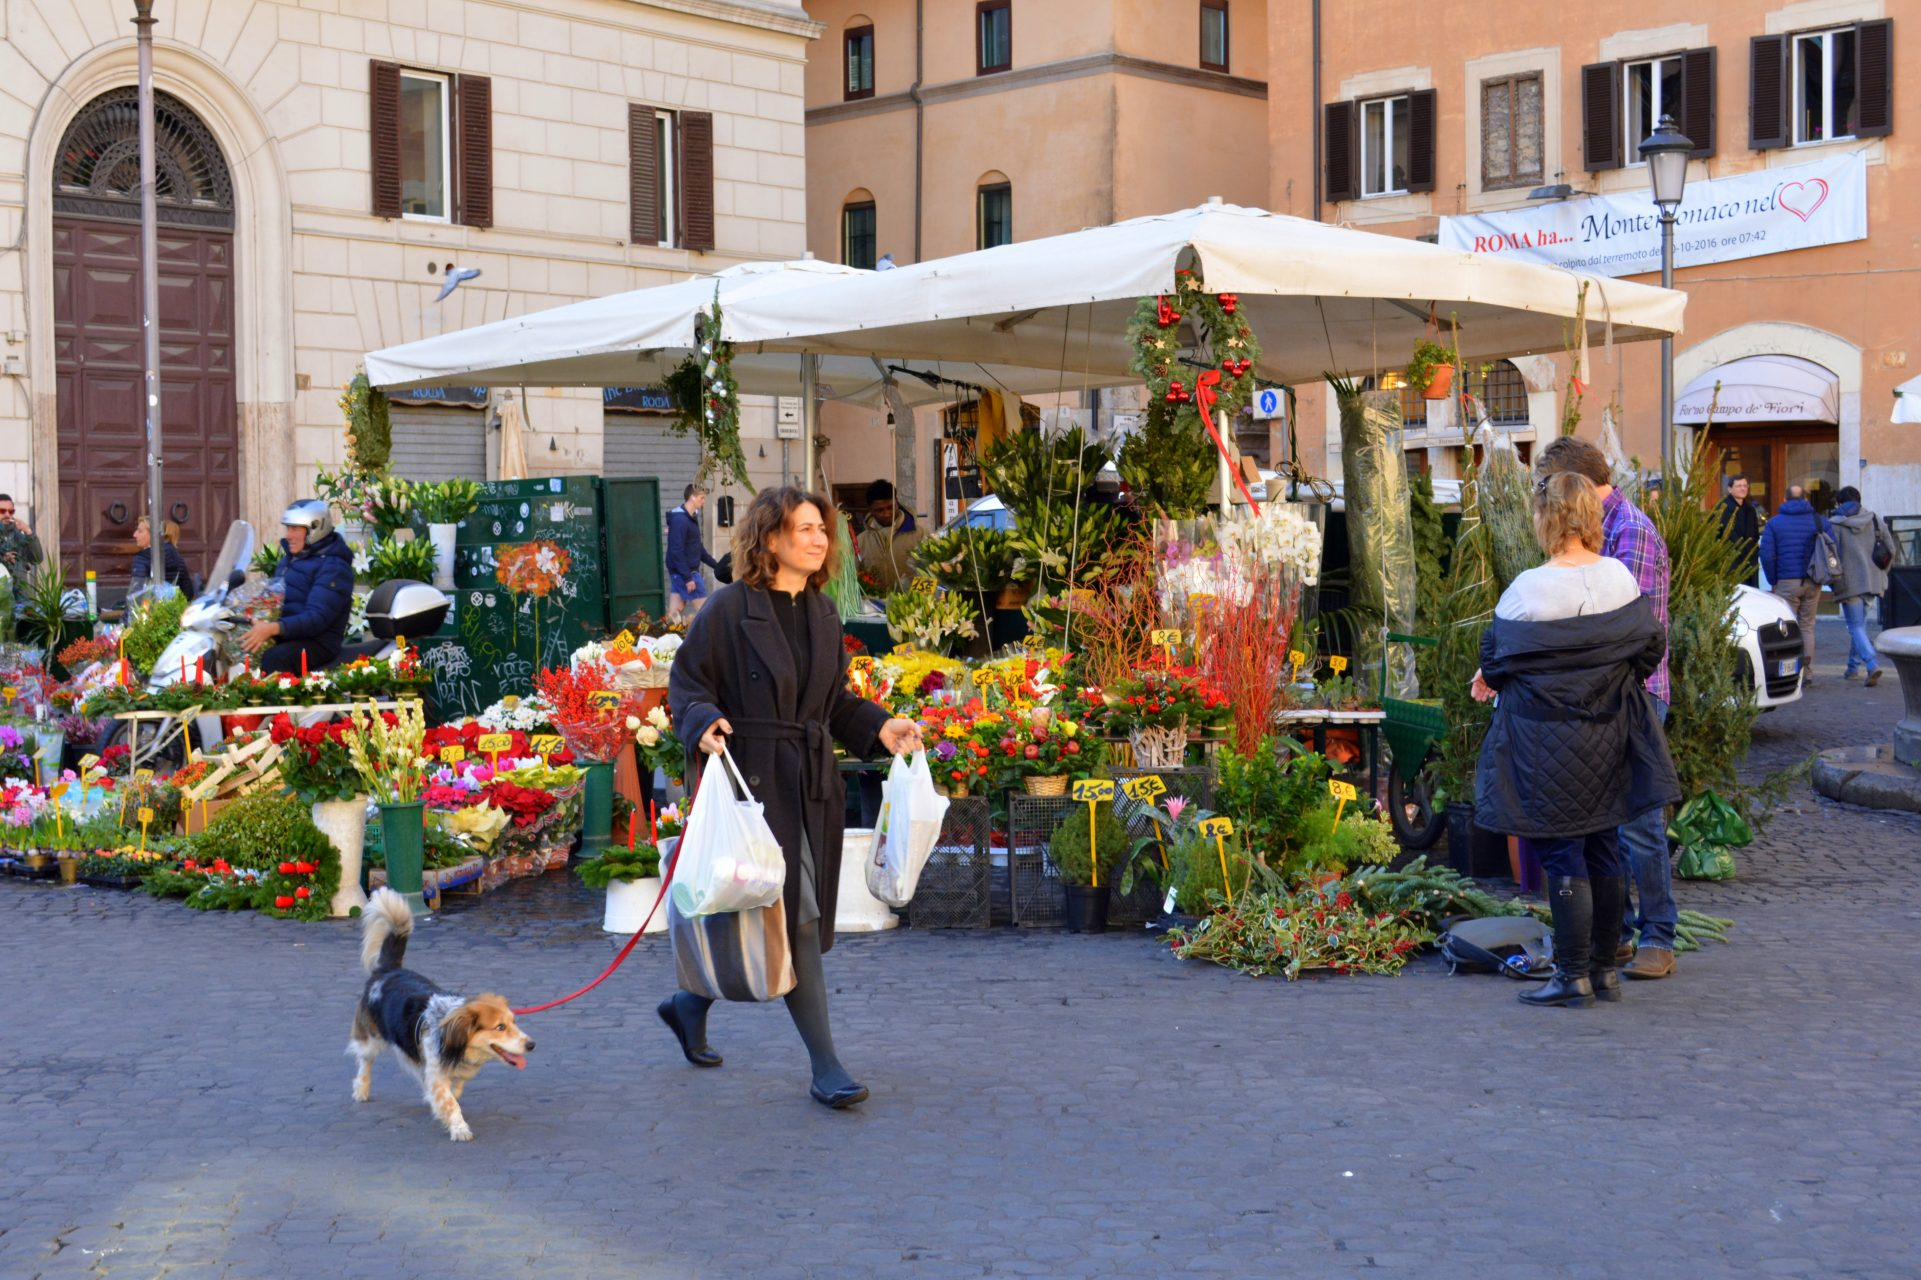 Что посмотреть в Риме. Кампо деи фьори